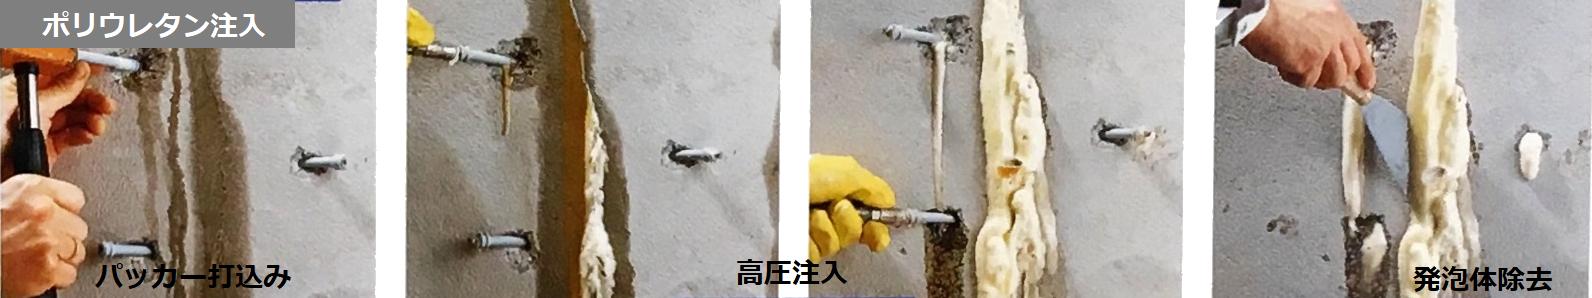 周南市 アキタ建設 sto コンクリ補修